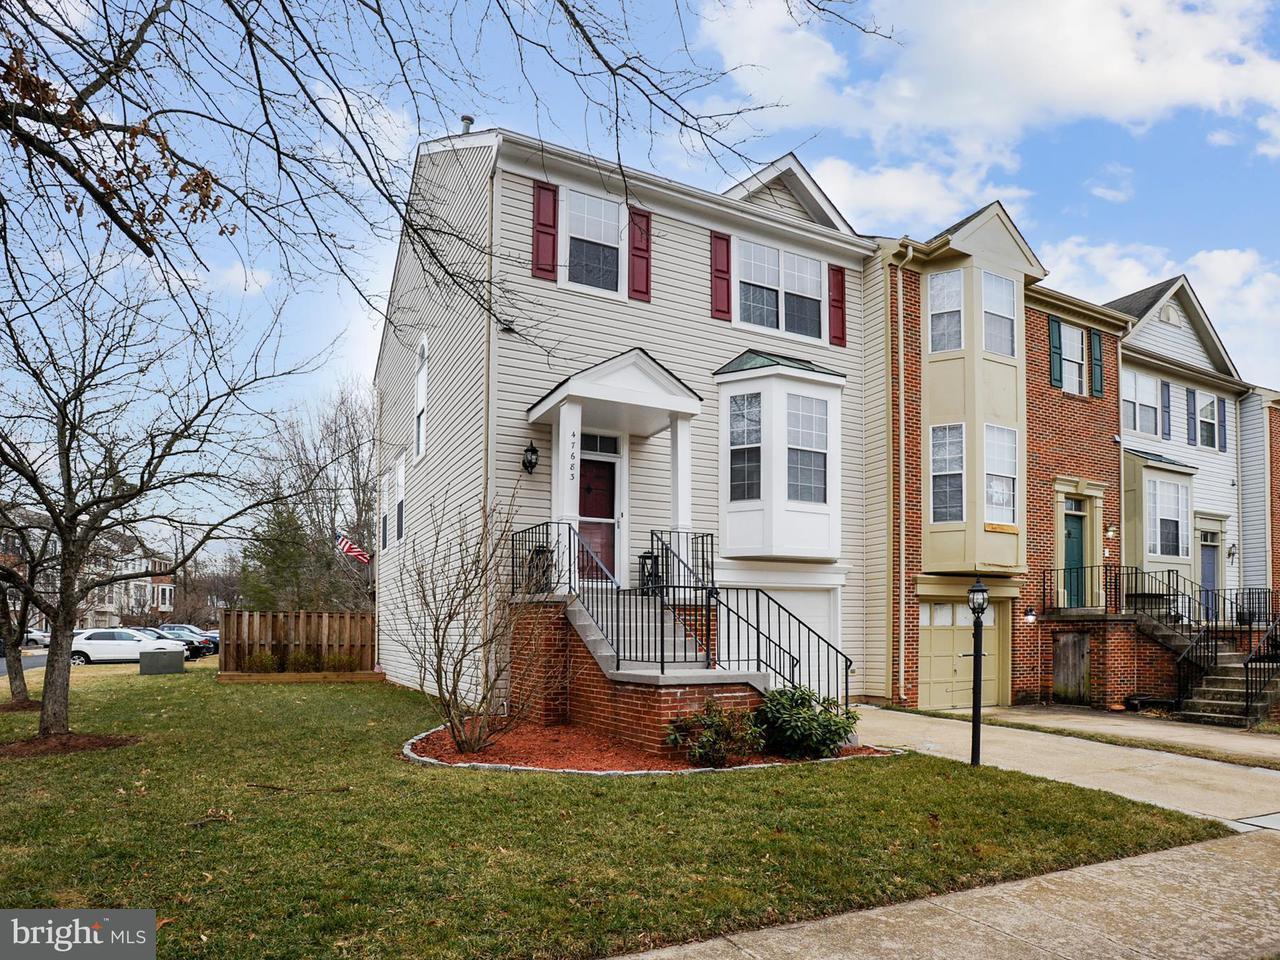 Σπίτι στην πόλη για την Πώληση στο 47683 Comer Sq 47683 Comer Sq Potomac Falls, Βιρτζινια 20165 Ηνωμενεσ Πολιτειεσ